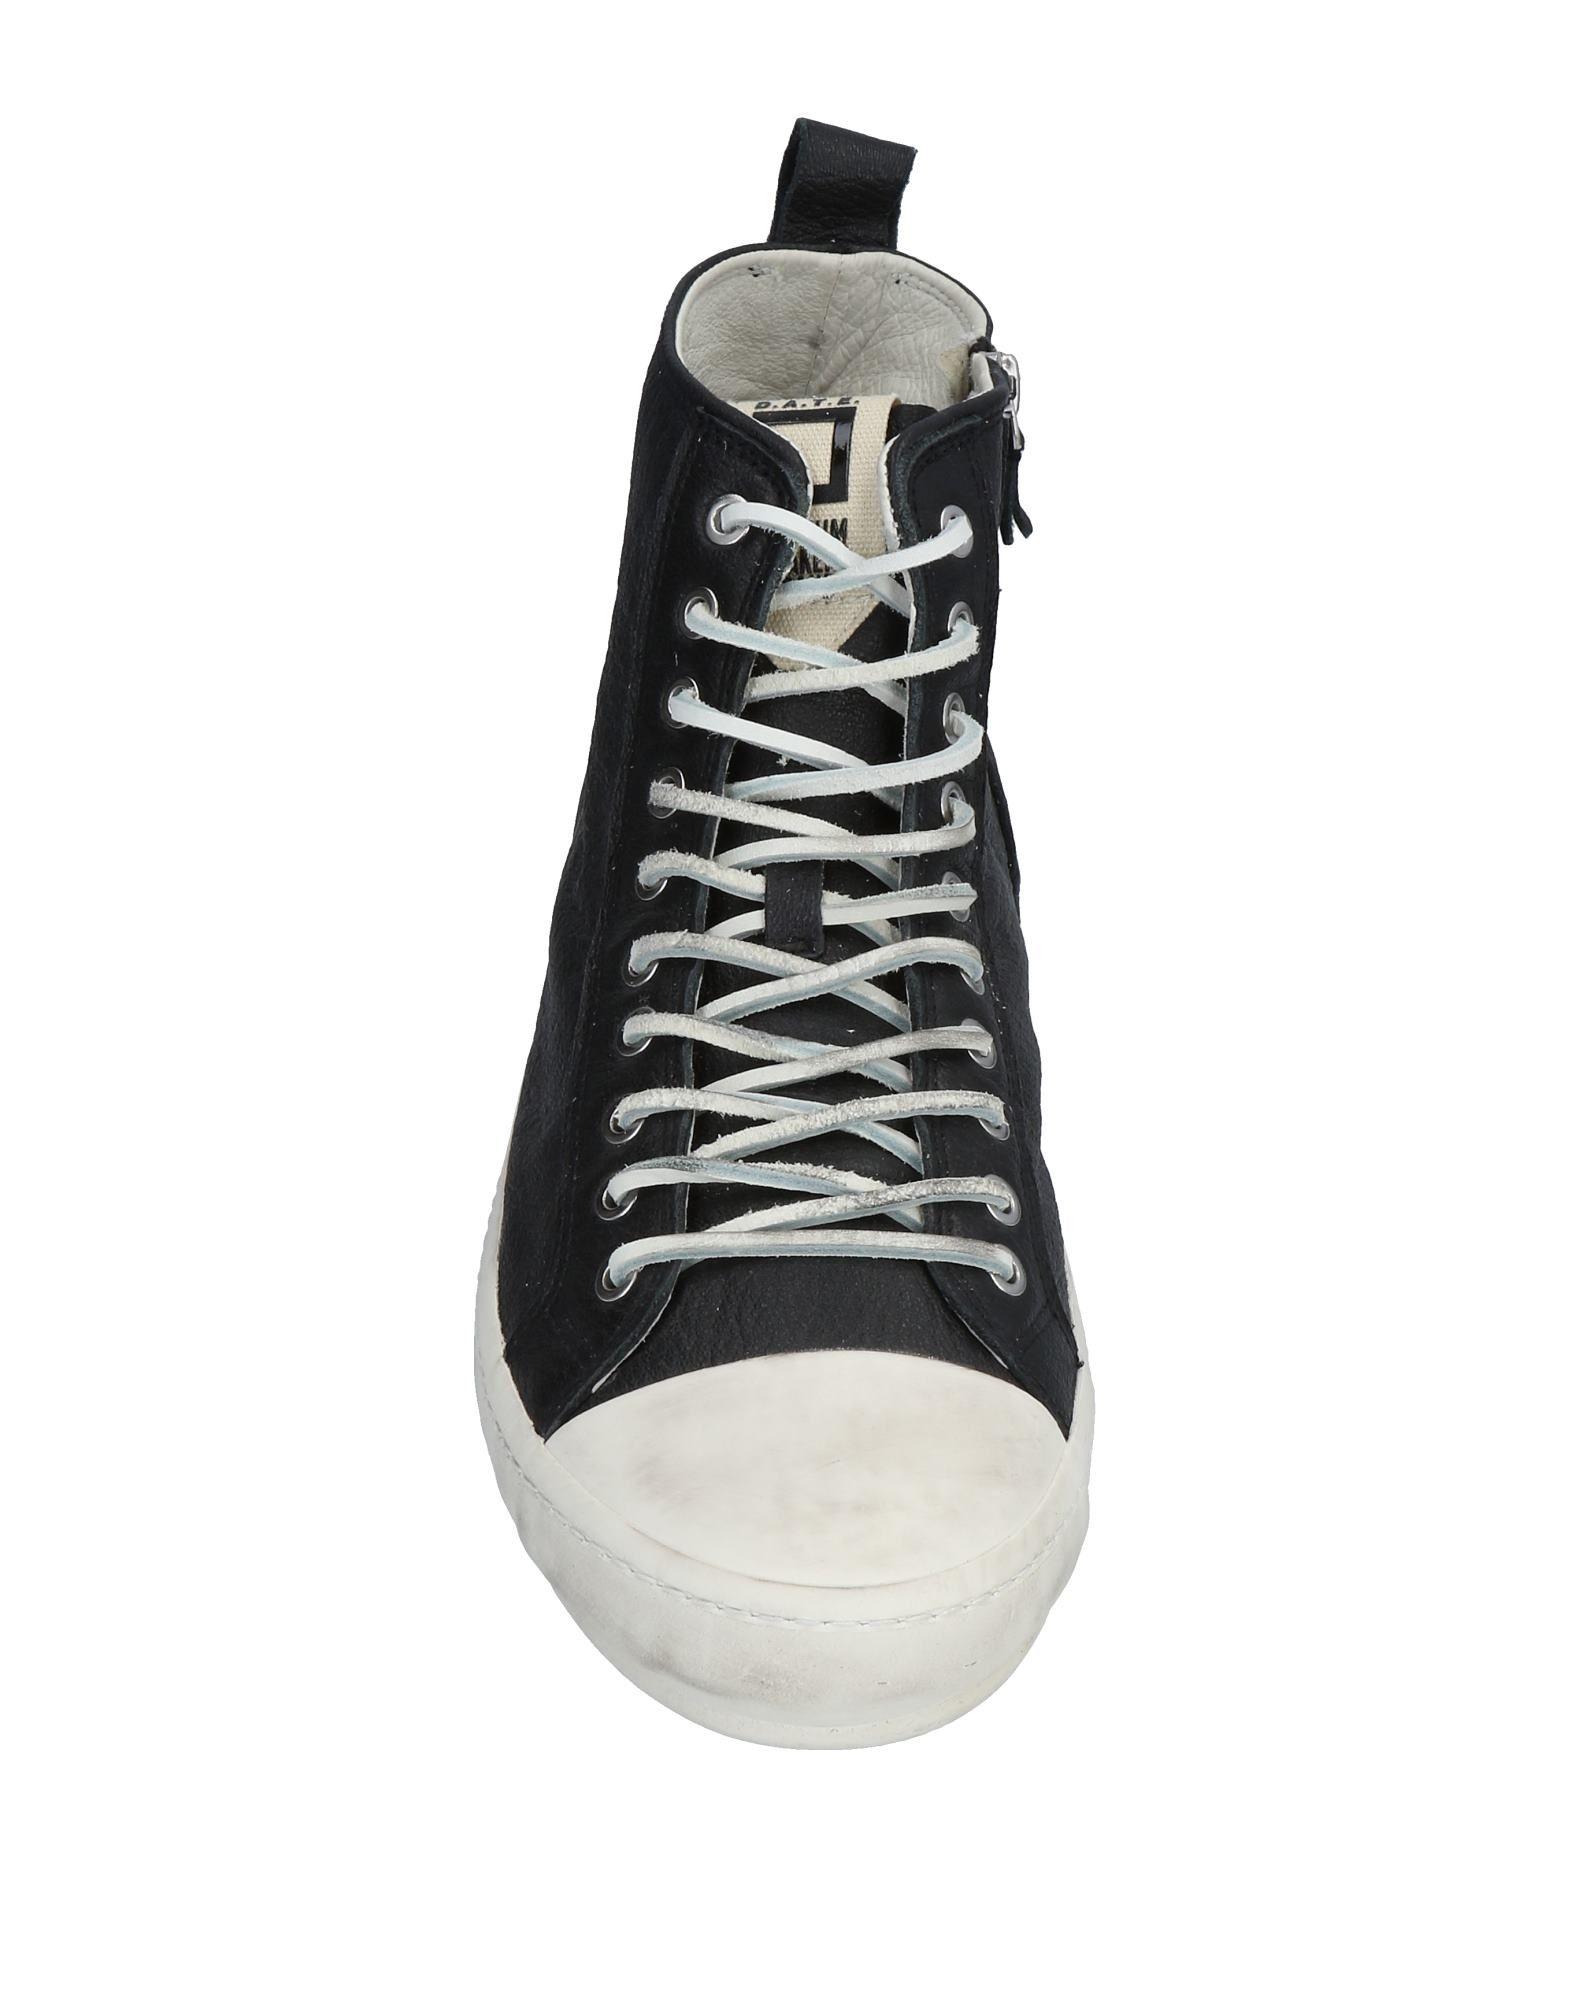 Rabatt D.A.T.E. echte Schuhe D.A.T.E. Rabatt Sneakers Herren  11476265SO 4dd91b